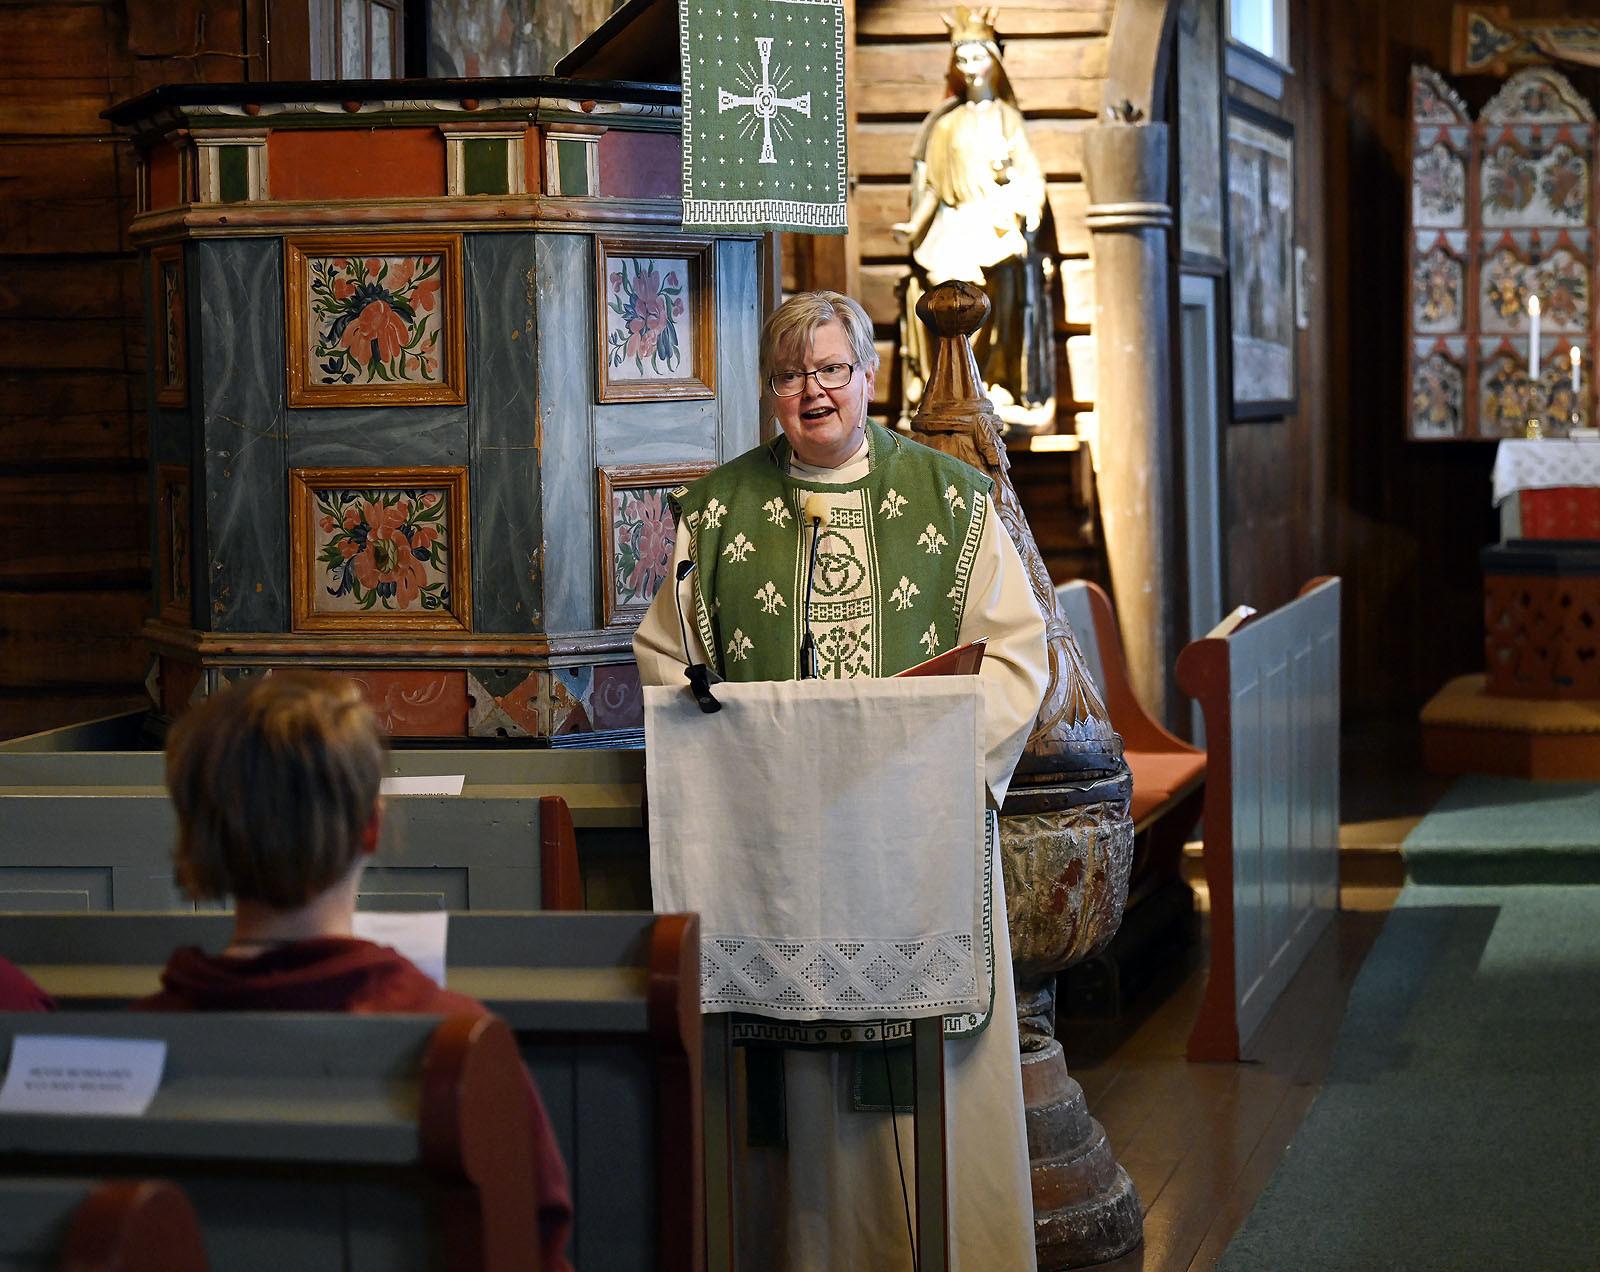 Signe prest ledet gudstjenesten. Foto: Arne G. Perlestenbakken